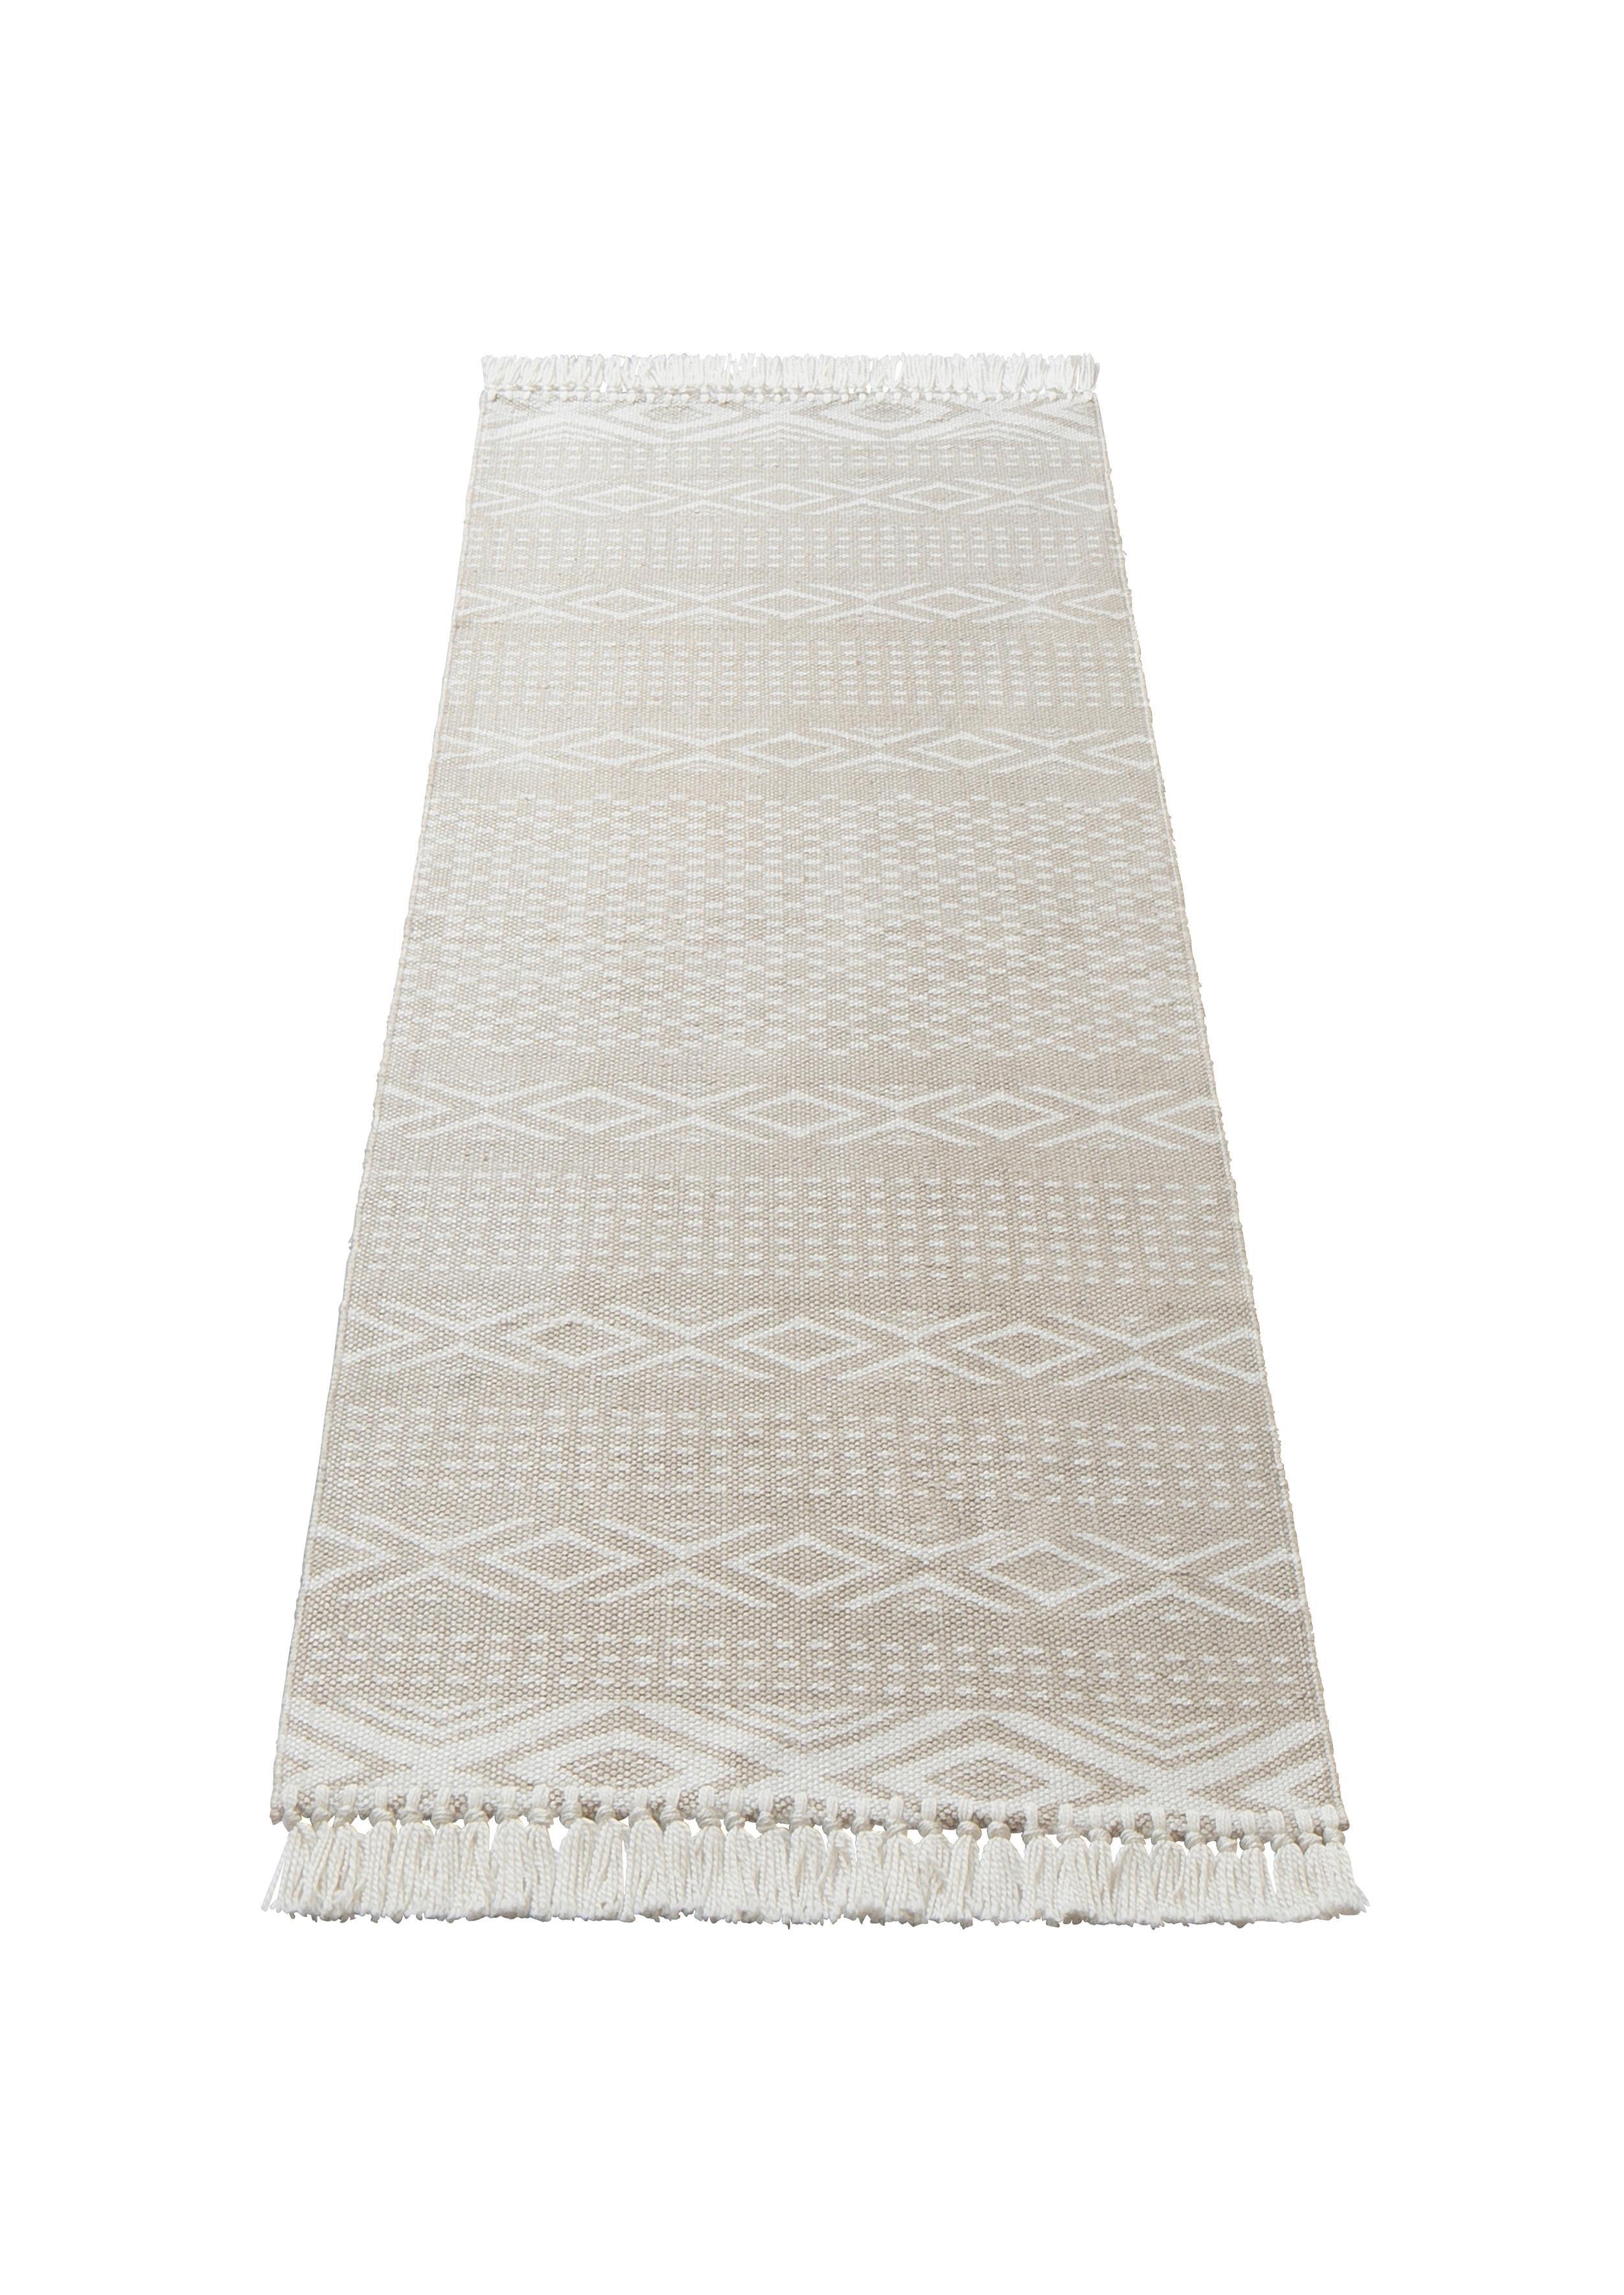 andas Loper, »Hatice«, rechthoekig, hoogte 3 mm, met print bestellen: 30 dagen bedenktijd